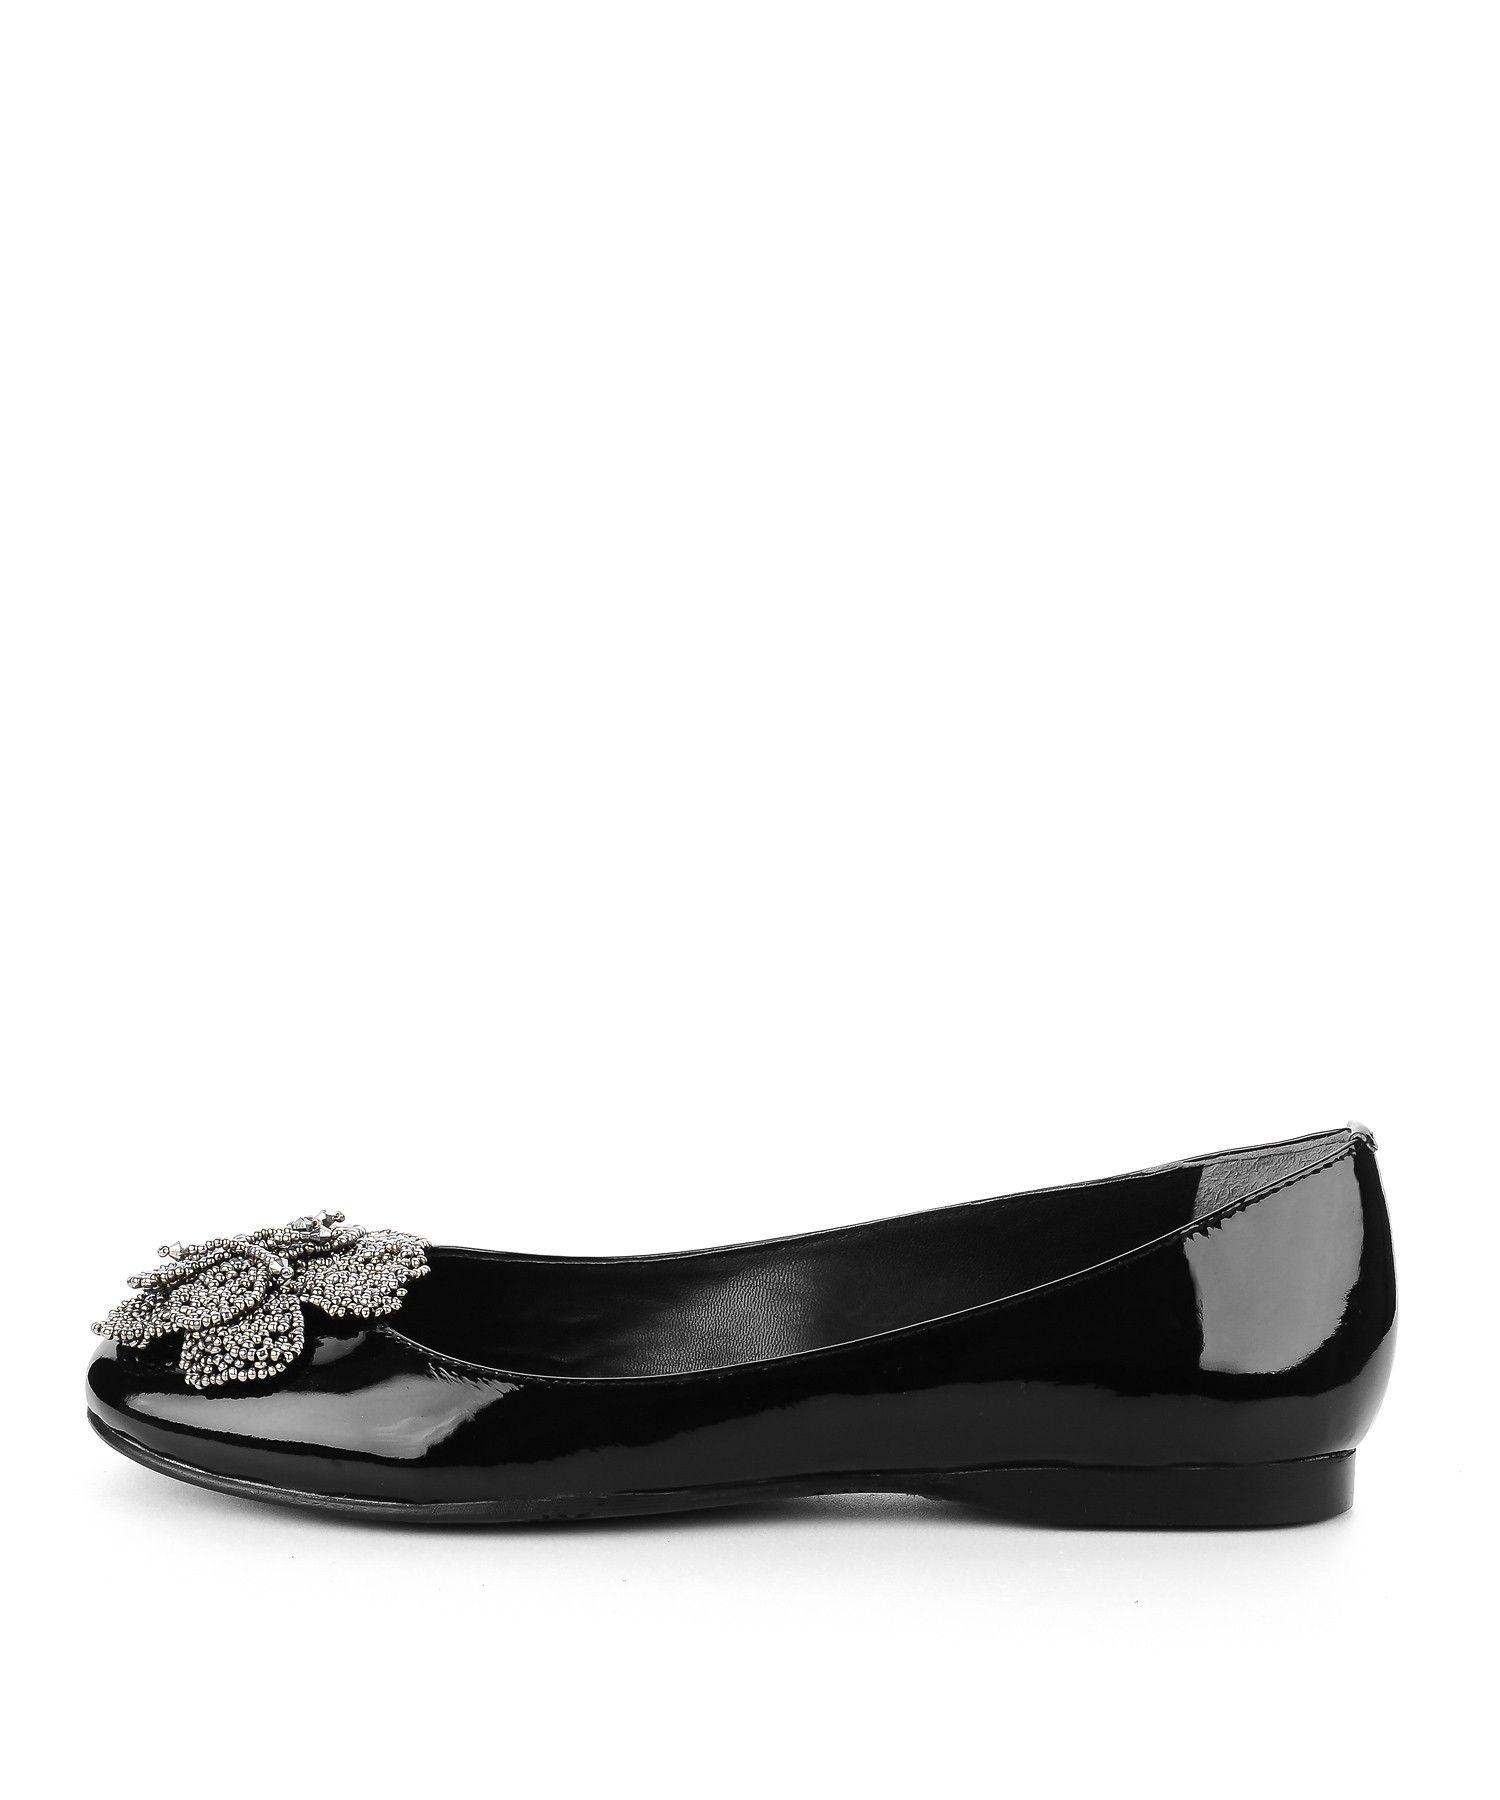 Czarne Lakierowane Baleriny Z Dzetami Shoes Flats Fashion